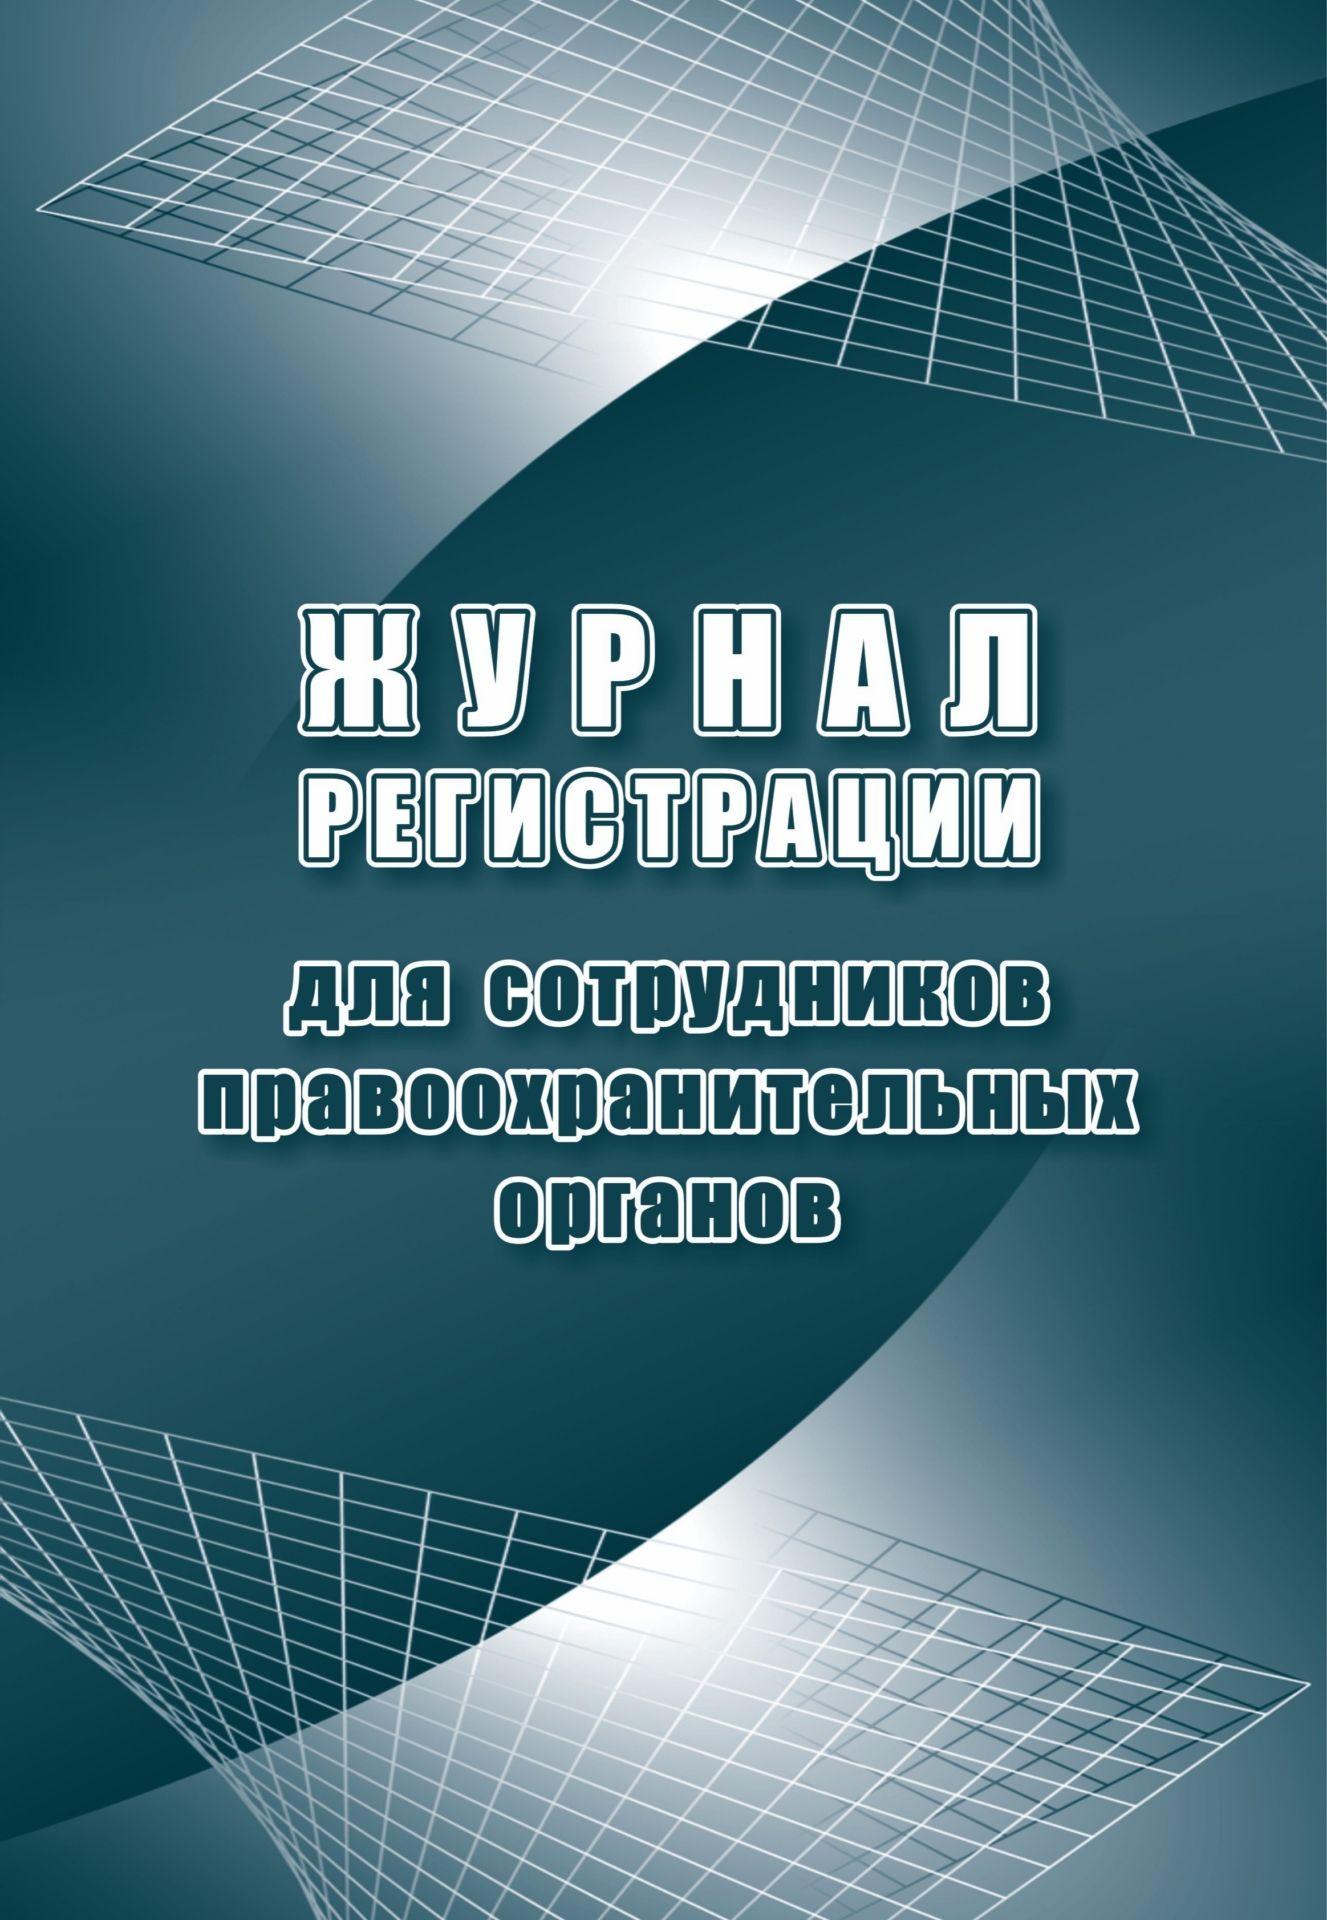 Журнал регистрации для сотрудников правоохранительных органов